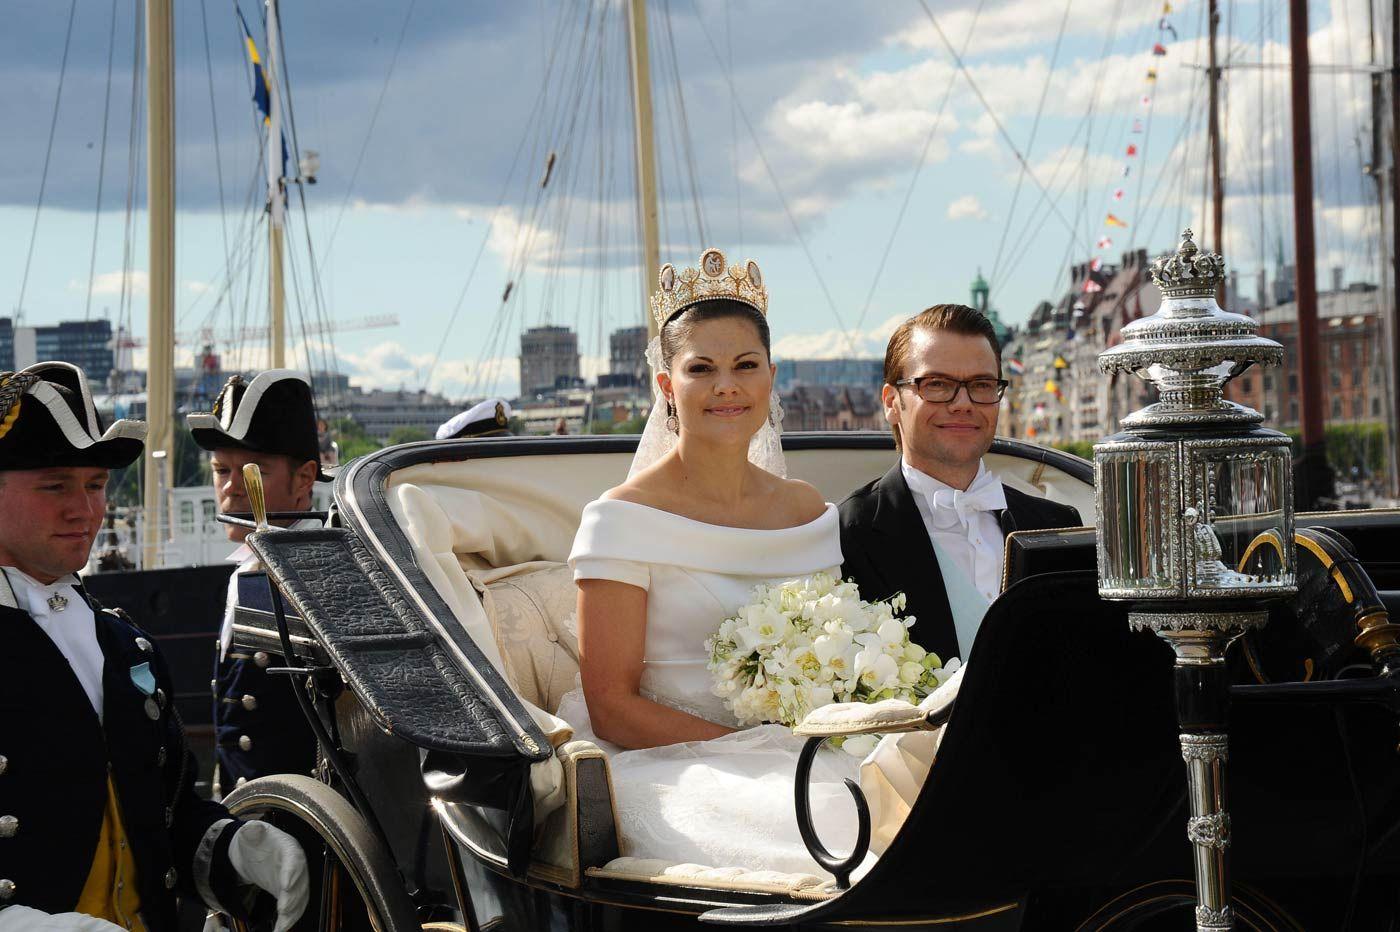 Prinses Victoria met de camee diadeem Blog Zilver.nl